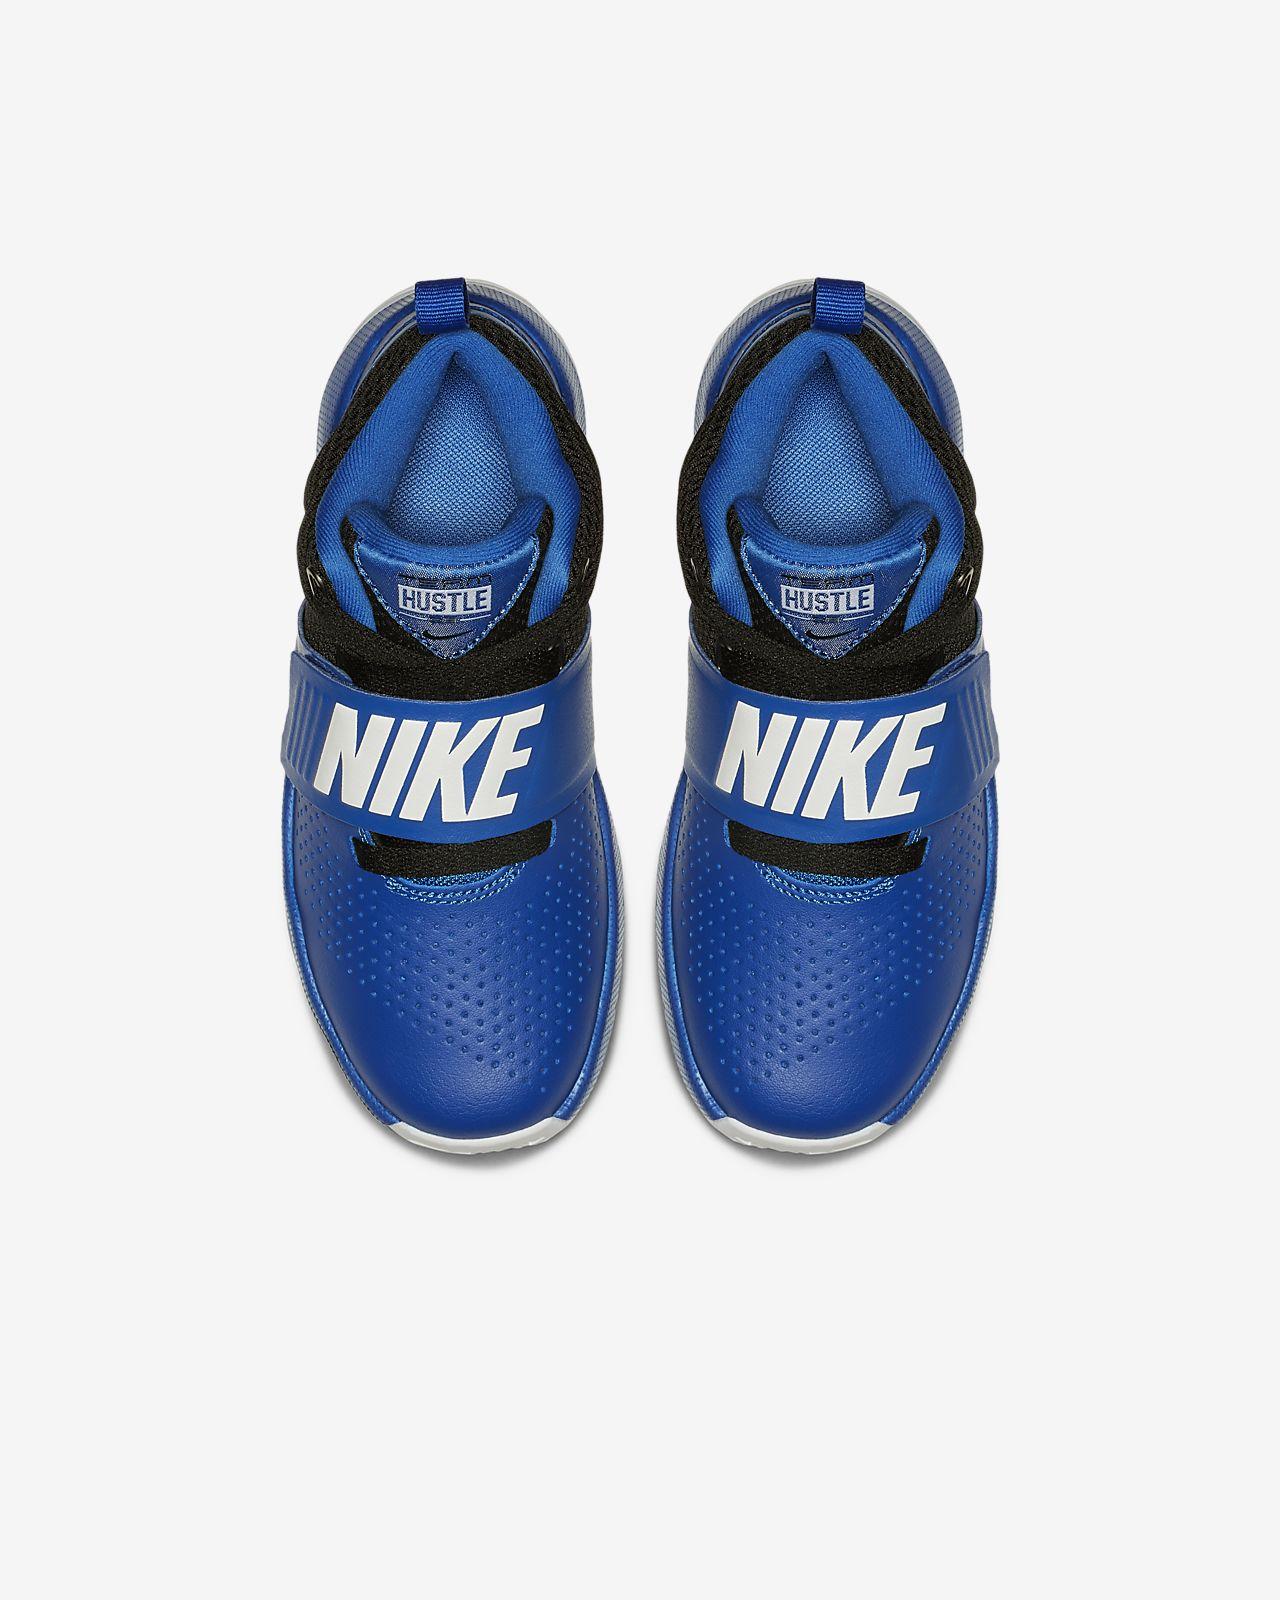 5f586a070 Nike Team Hustle D 8 Little Kids' Basketball Shoe. Nike.com